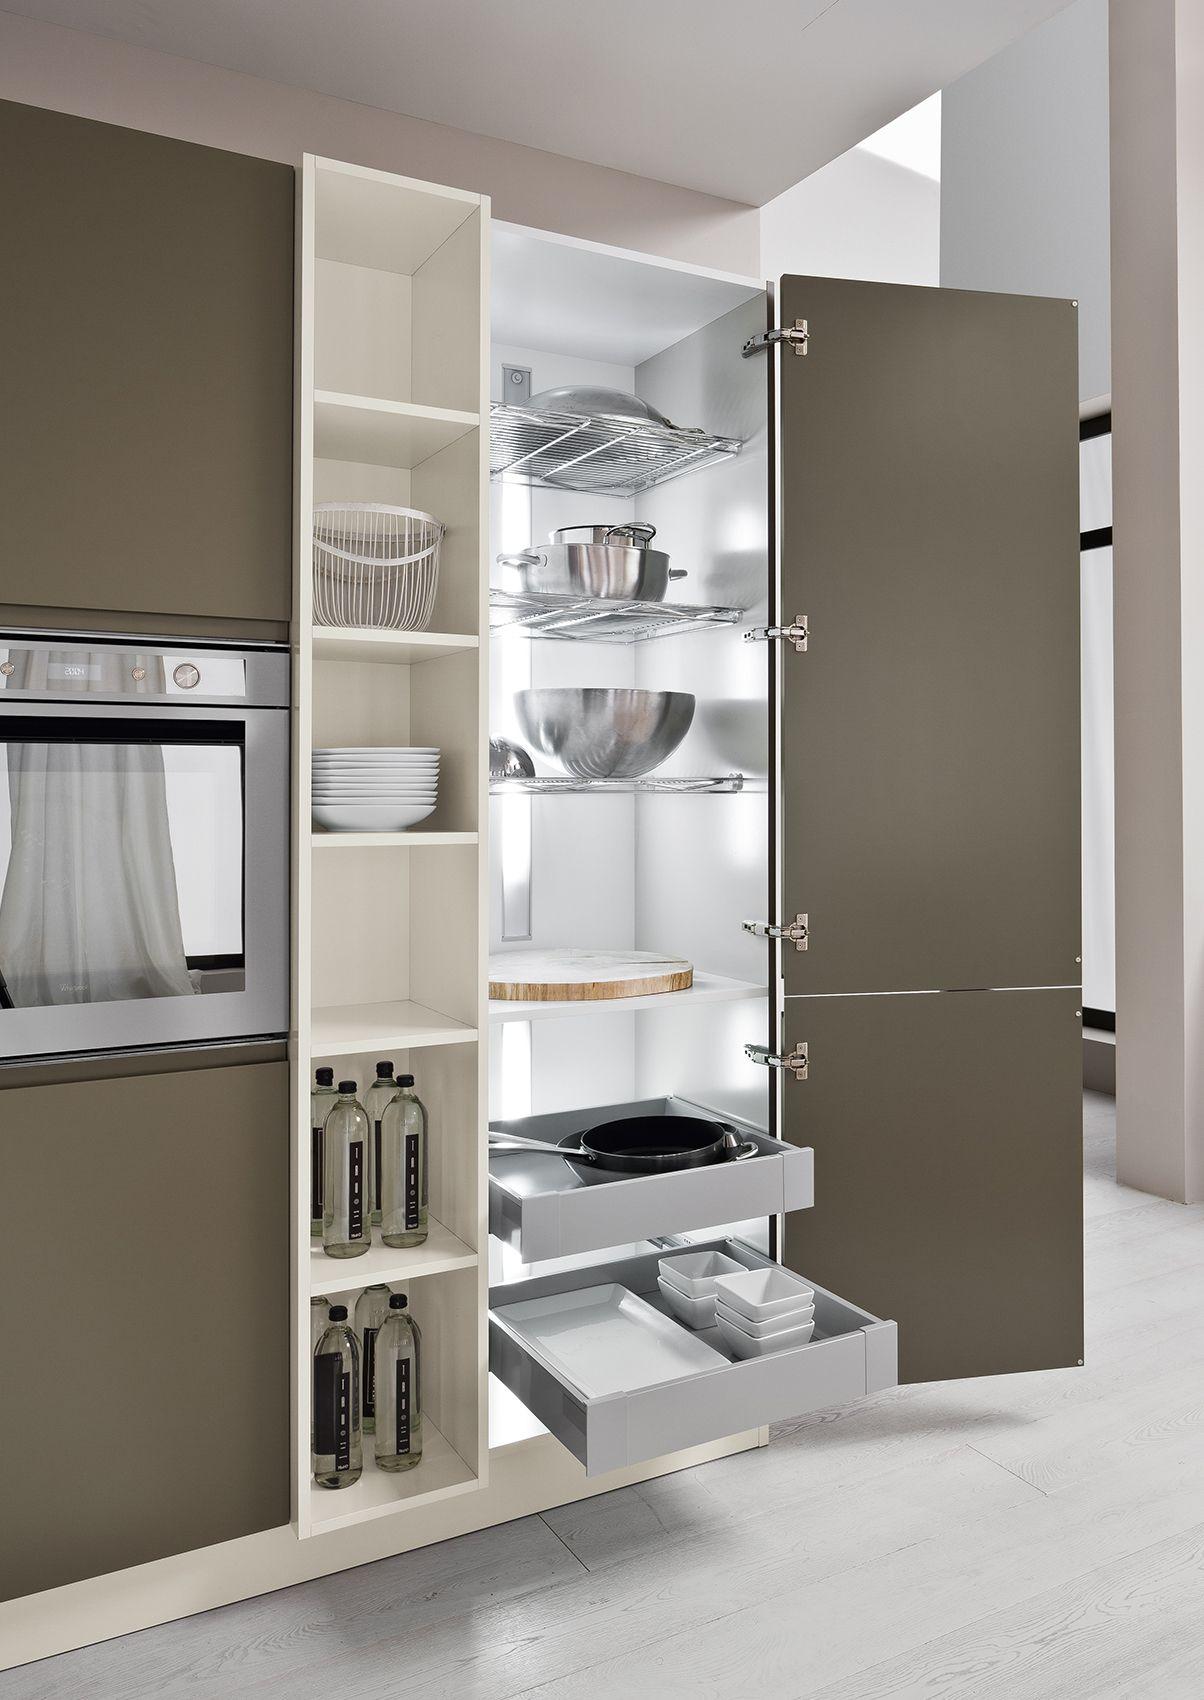 Colonna dispensa in una cucina Arrex. www.arrex.it | proyectos casa ...